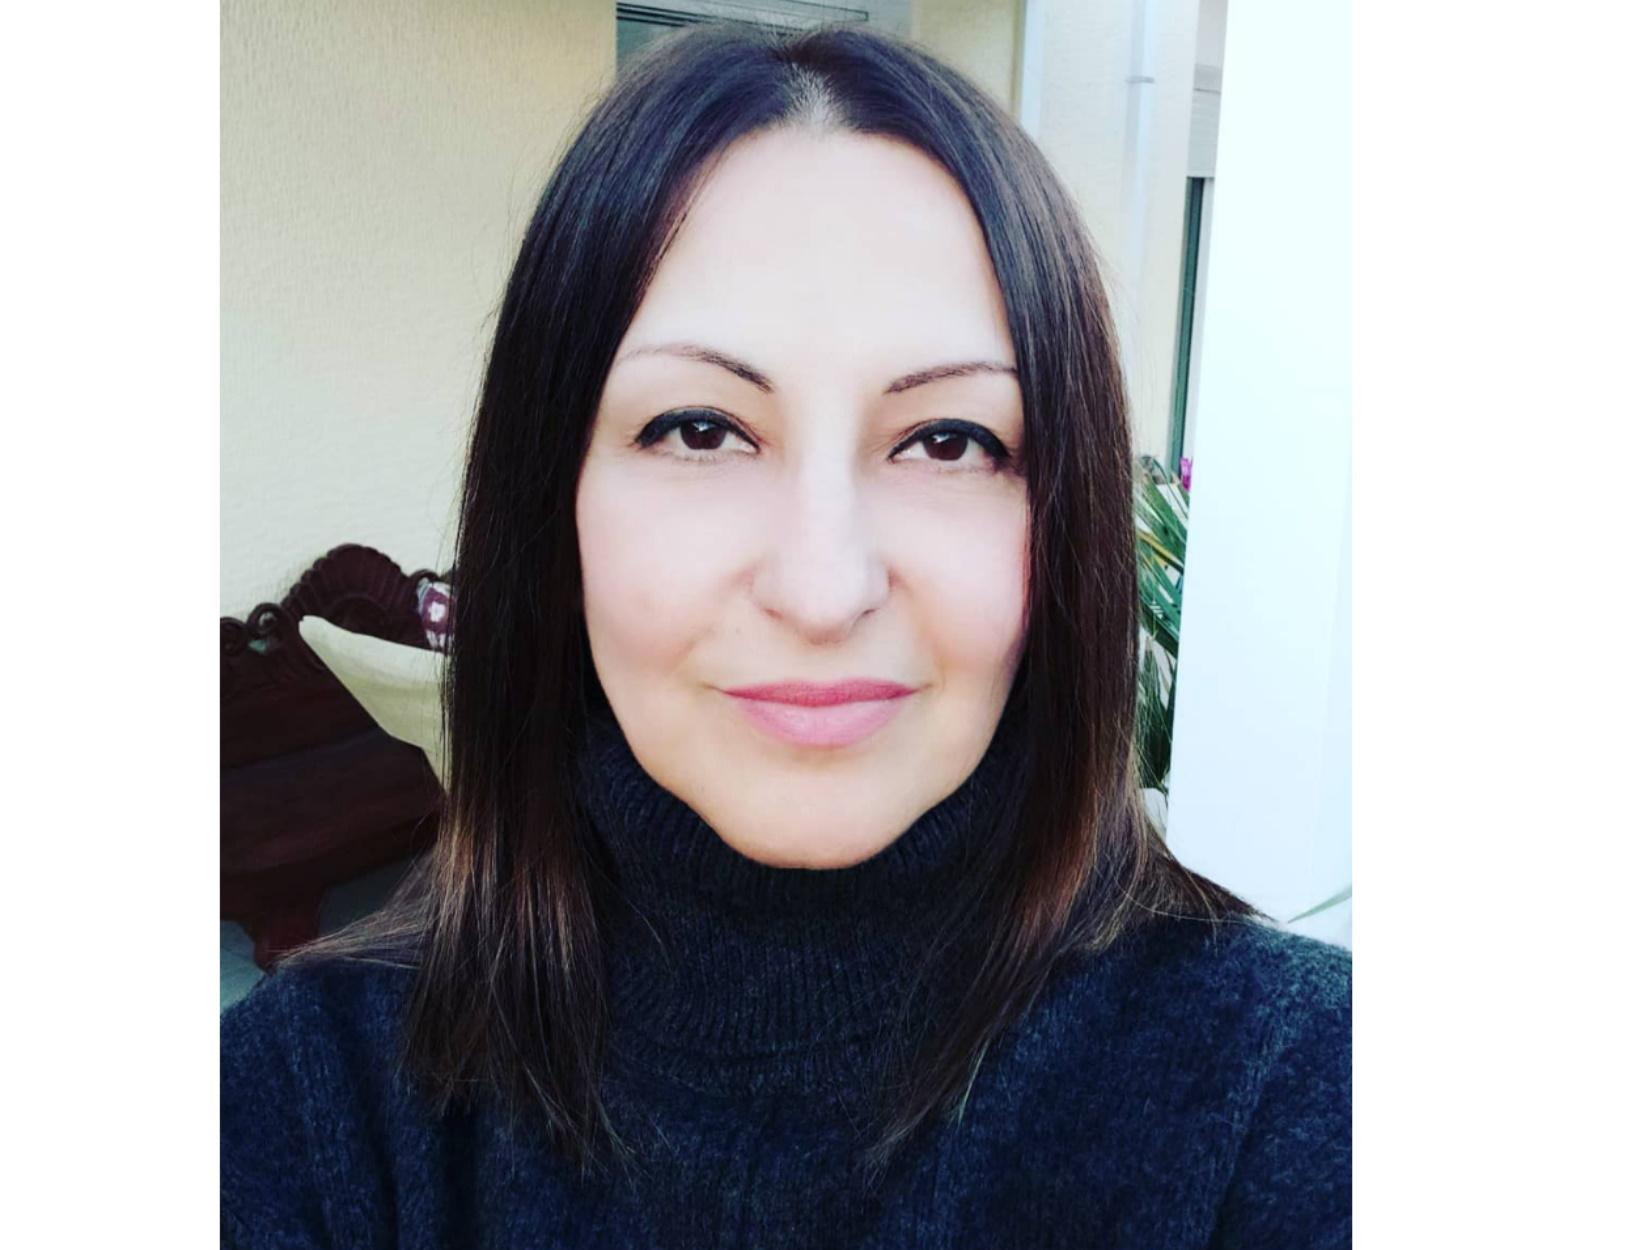 Άντζυ Σαμίου: Υπέστην σεξουαλική παρενόχληση στα πέντε μου χρόνια